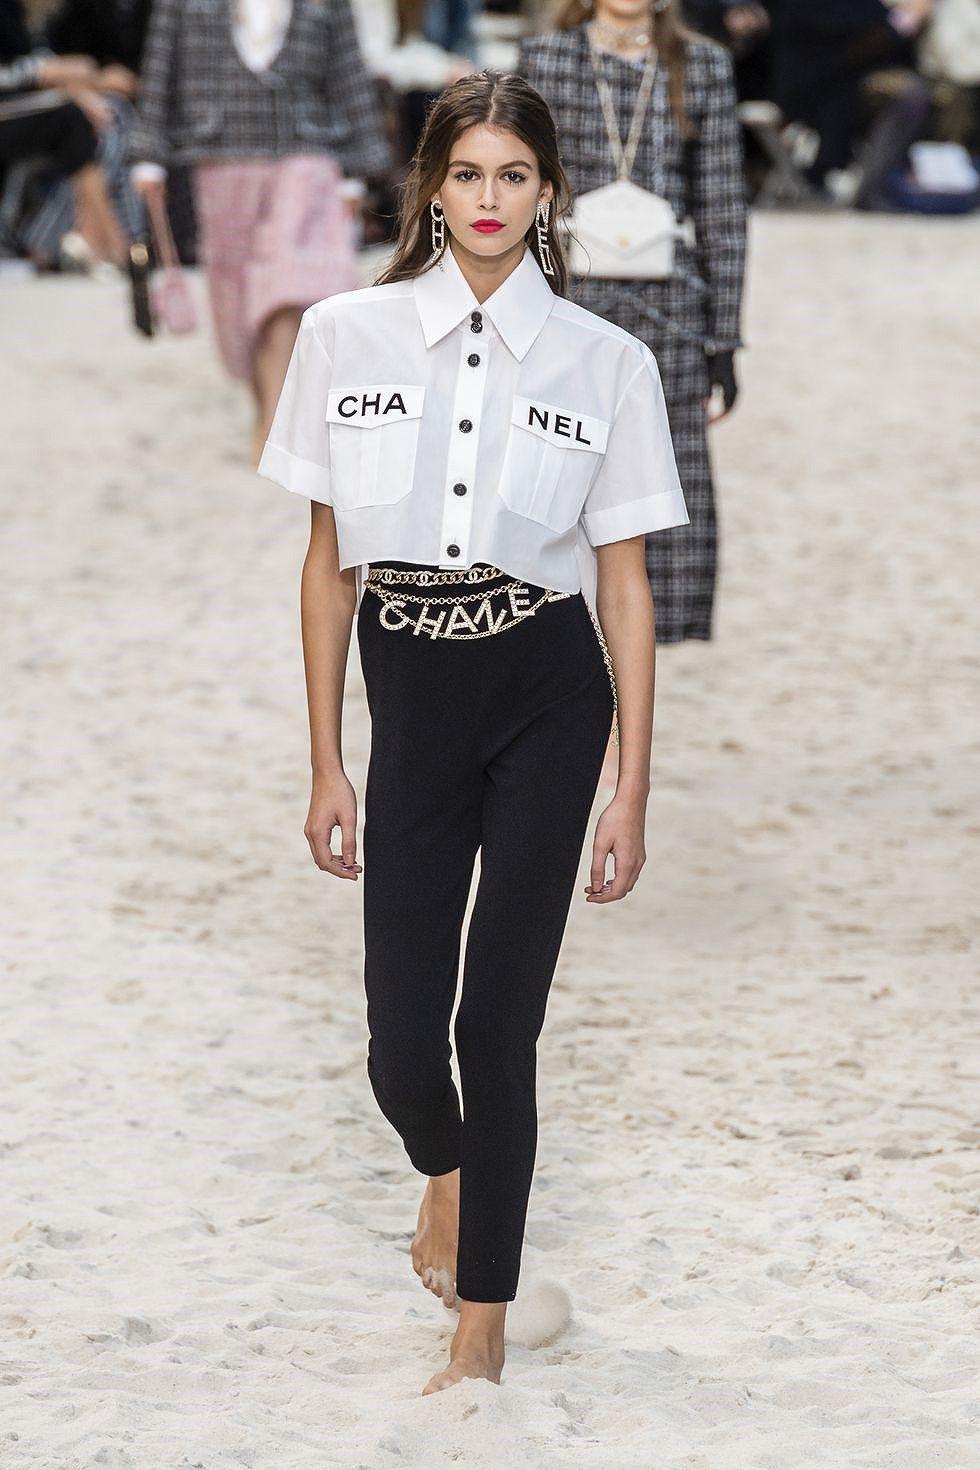 Chiêm ngưỡng những BST nổi bật nhất Tuần lễ thời trang Paris 2019 Ảnh 3